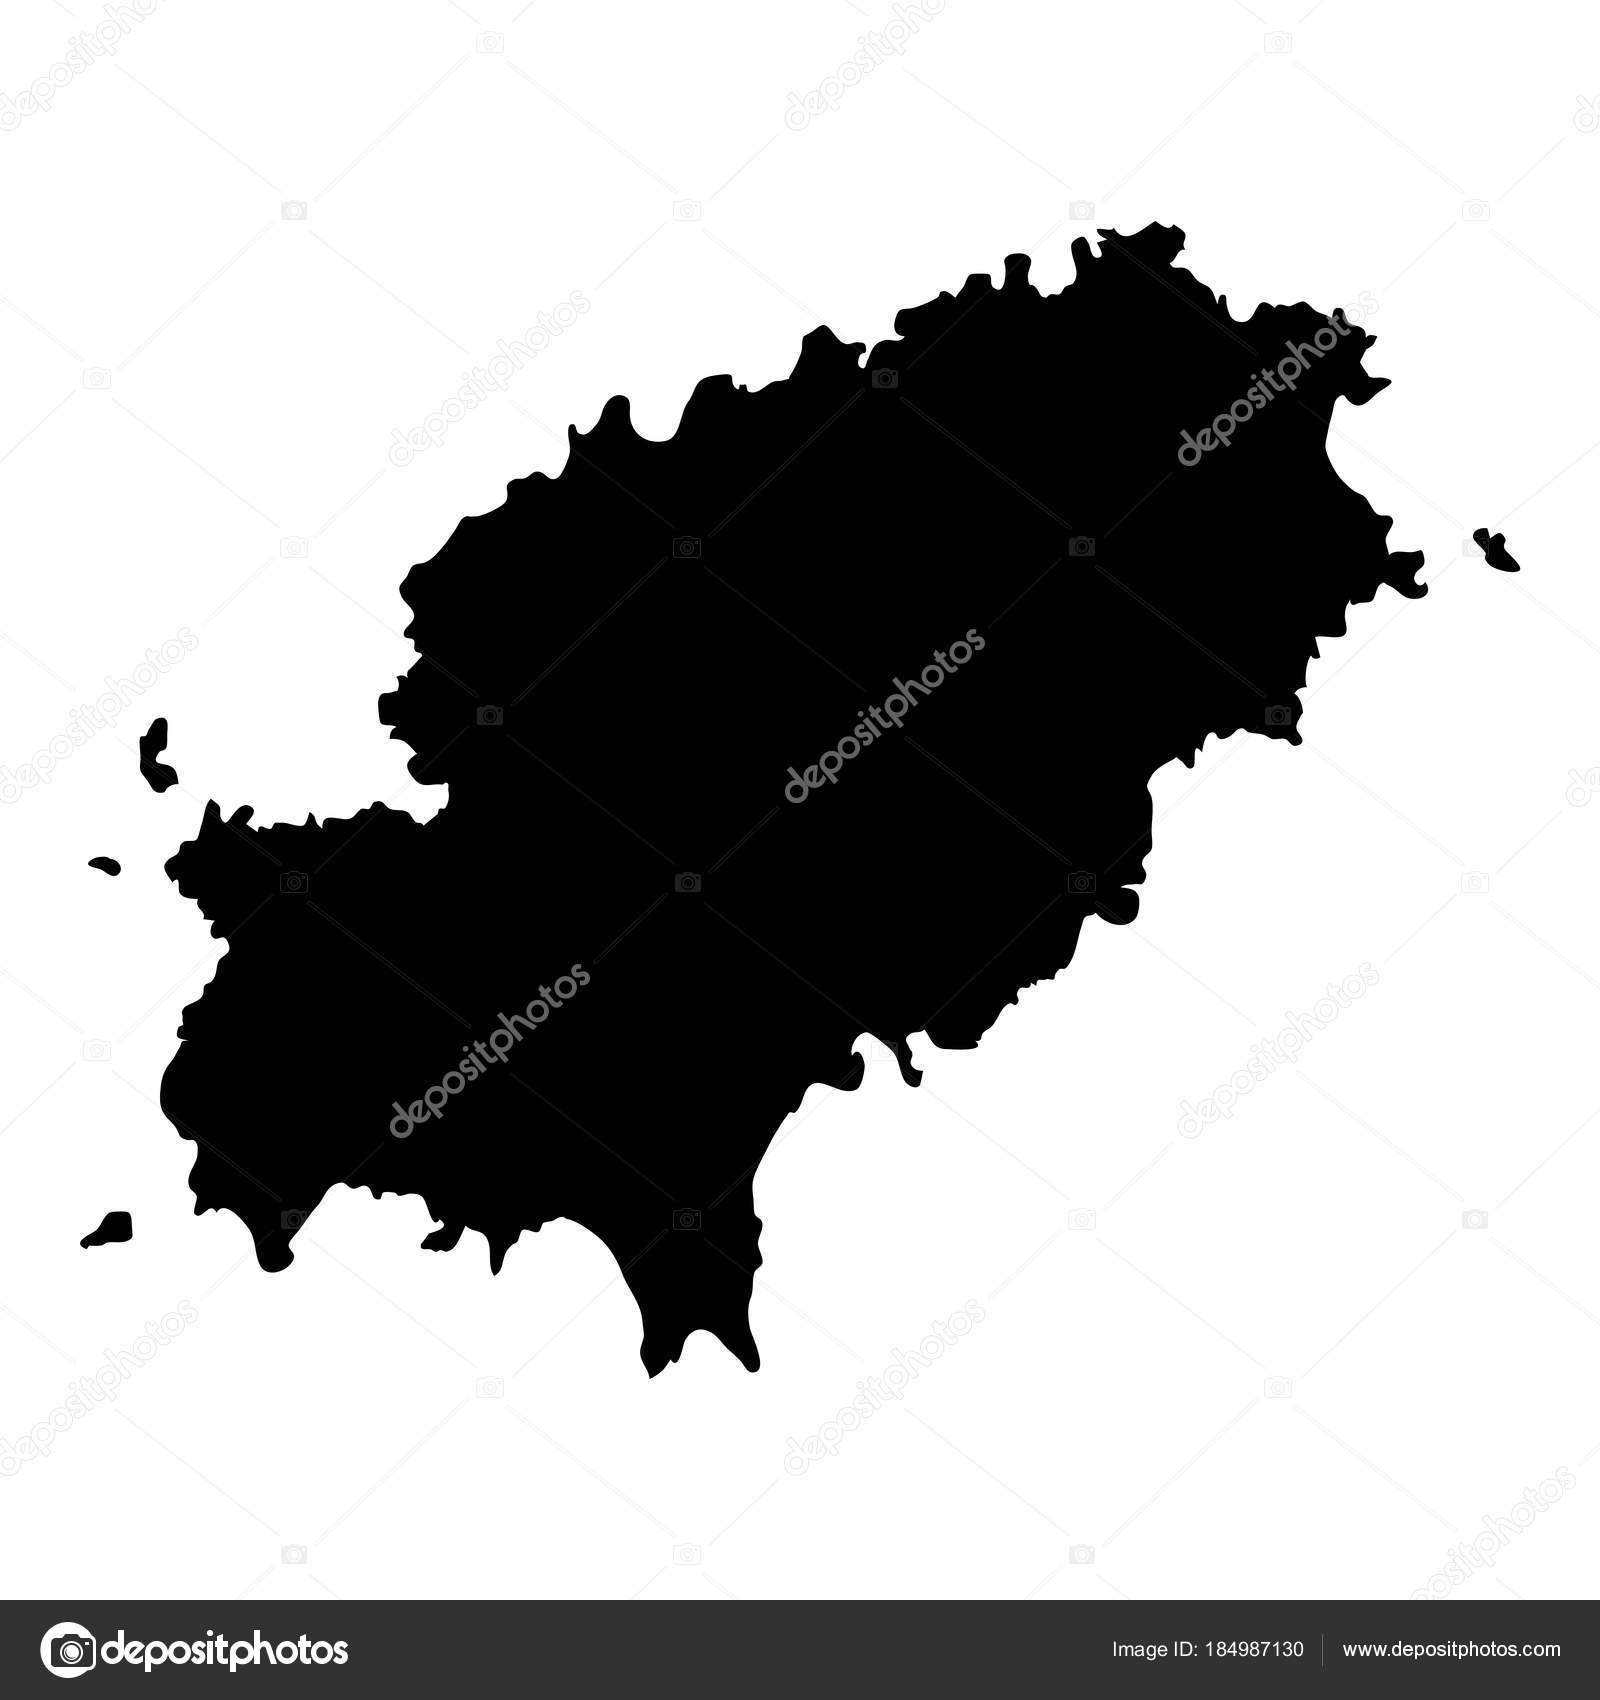 Ibiza Karte Umriss.Ibiza Karte Insel Silhouette Symbol Isoliert Ibiza Schwarze Karte